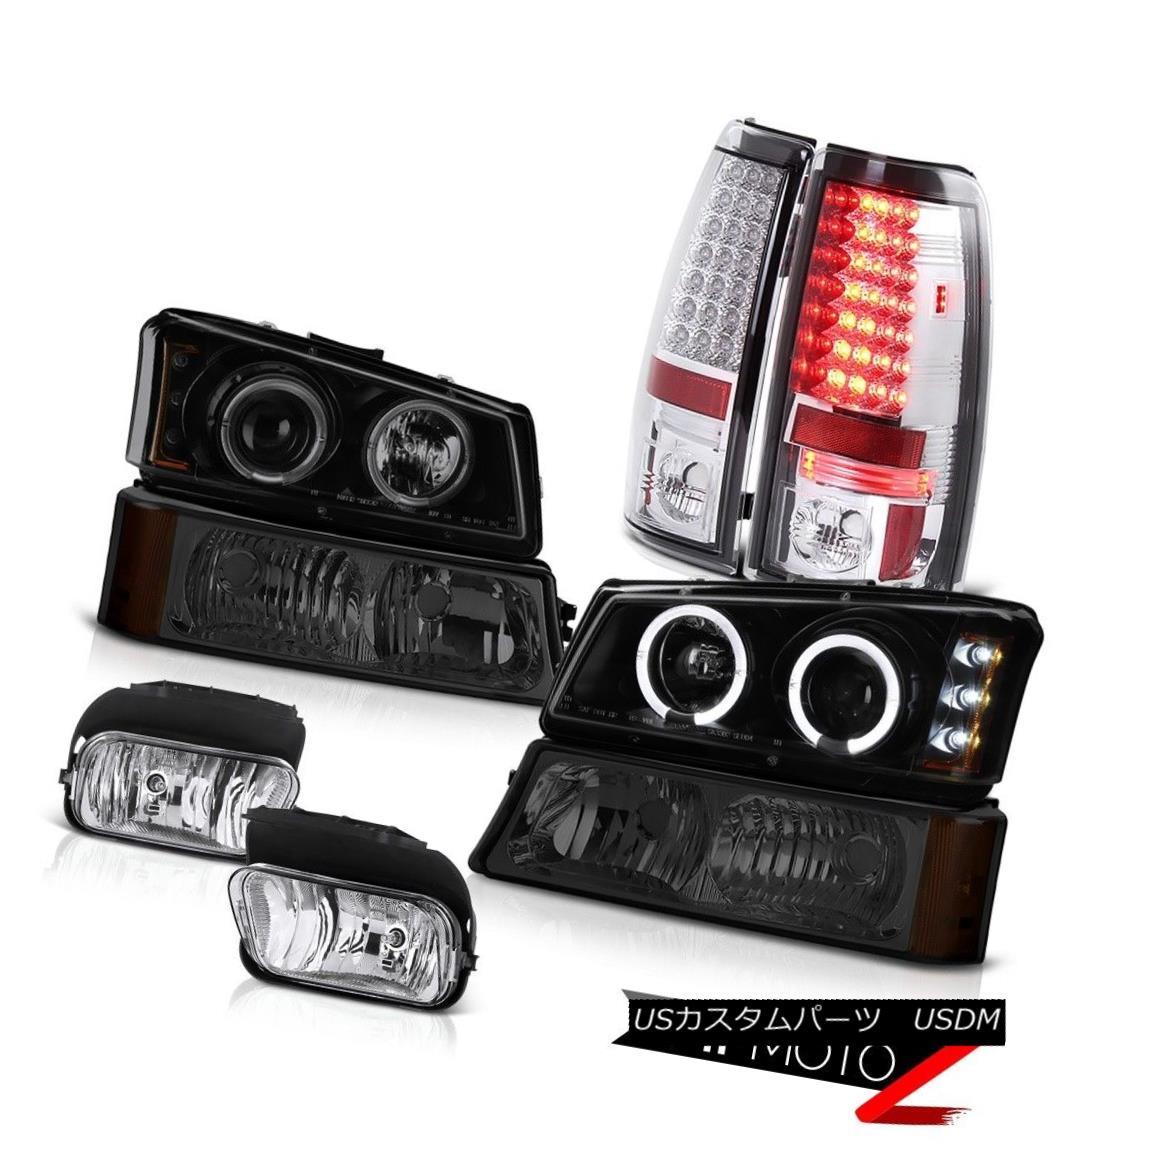 テールライト Headlight Halo LED Turn Signal Tail Light Bumper Foglight 2003-2006 Silverado SS ヘッドライトHalo LED Turn信号テールライトバンパーFoglight 2003-2006 Silverado SS